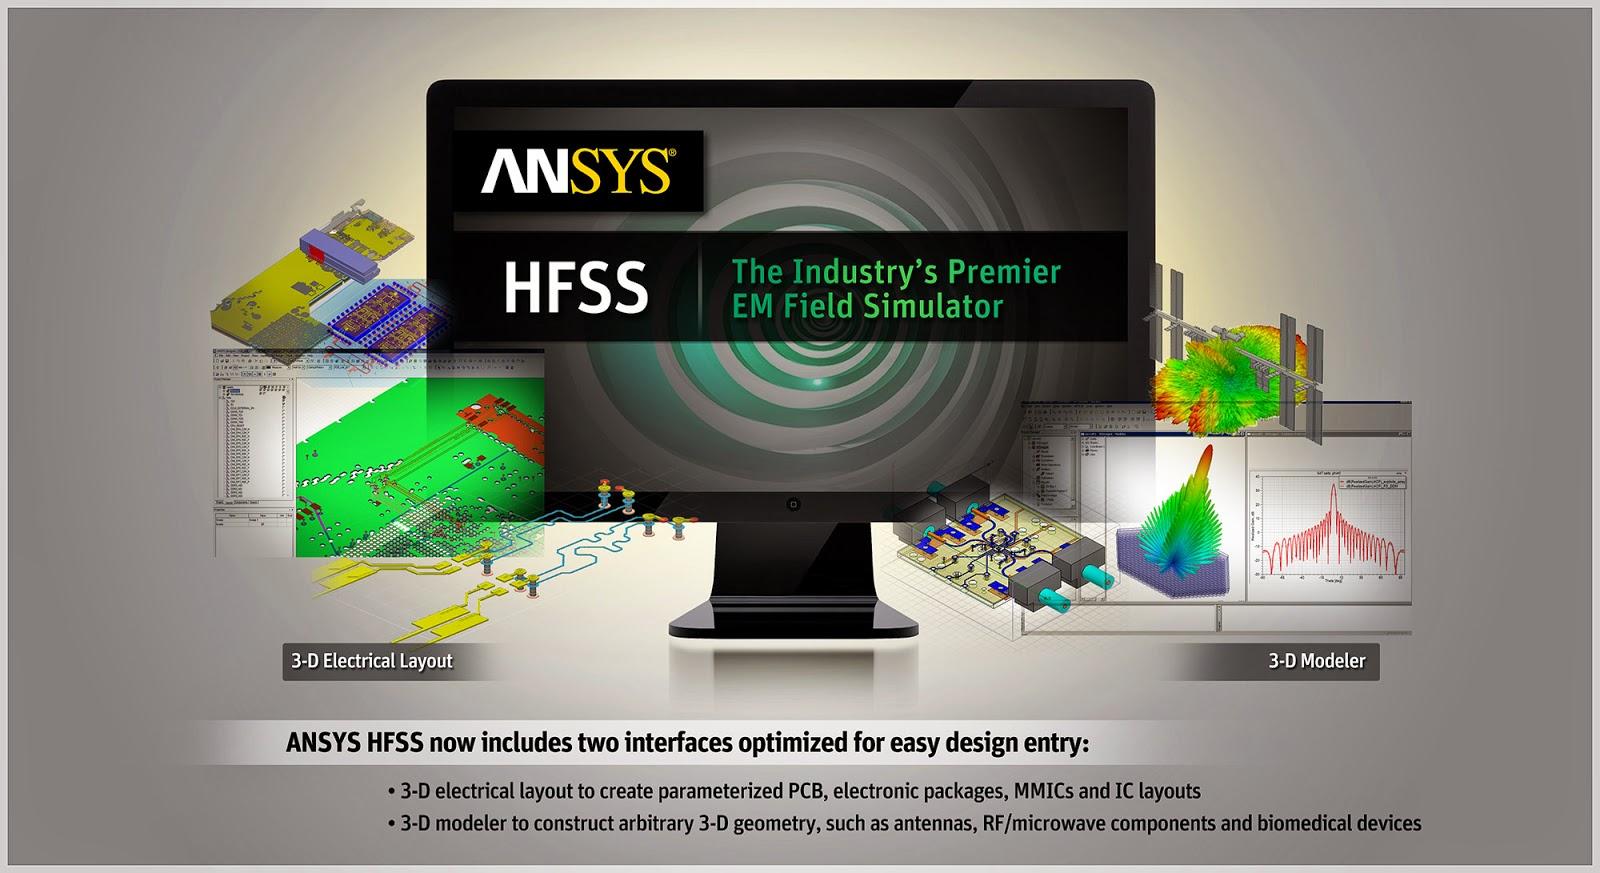 Ansys HFSS 16